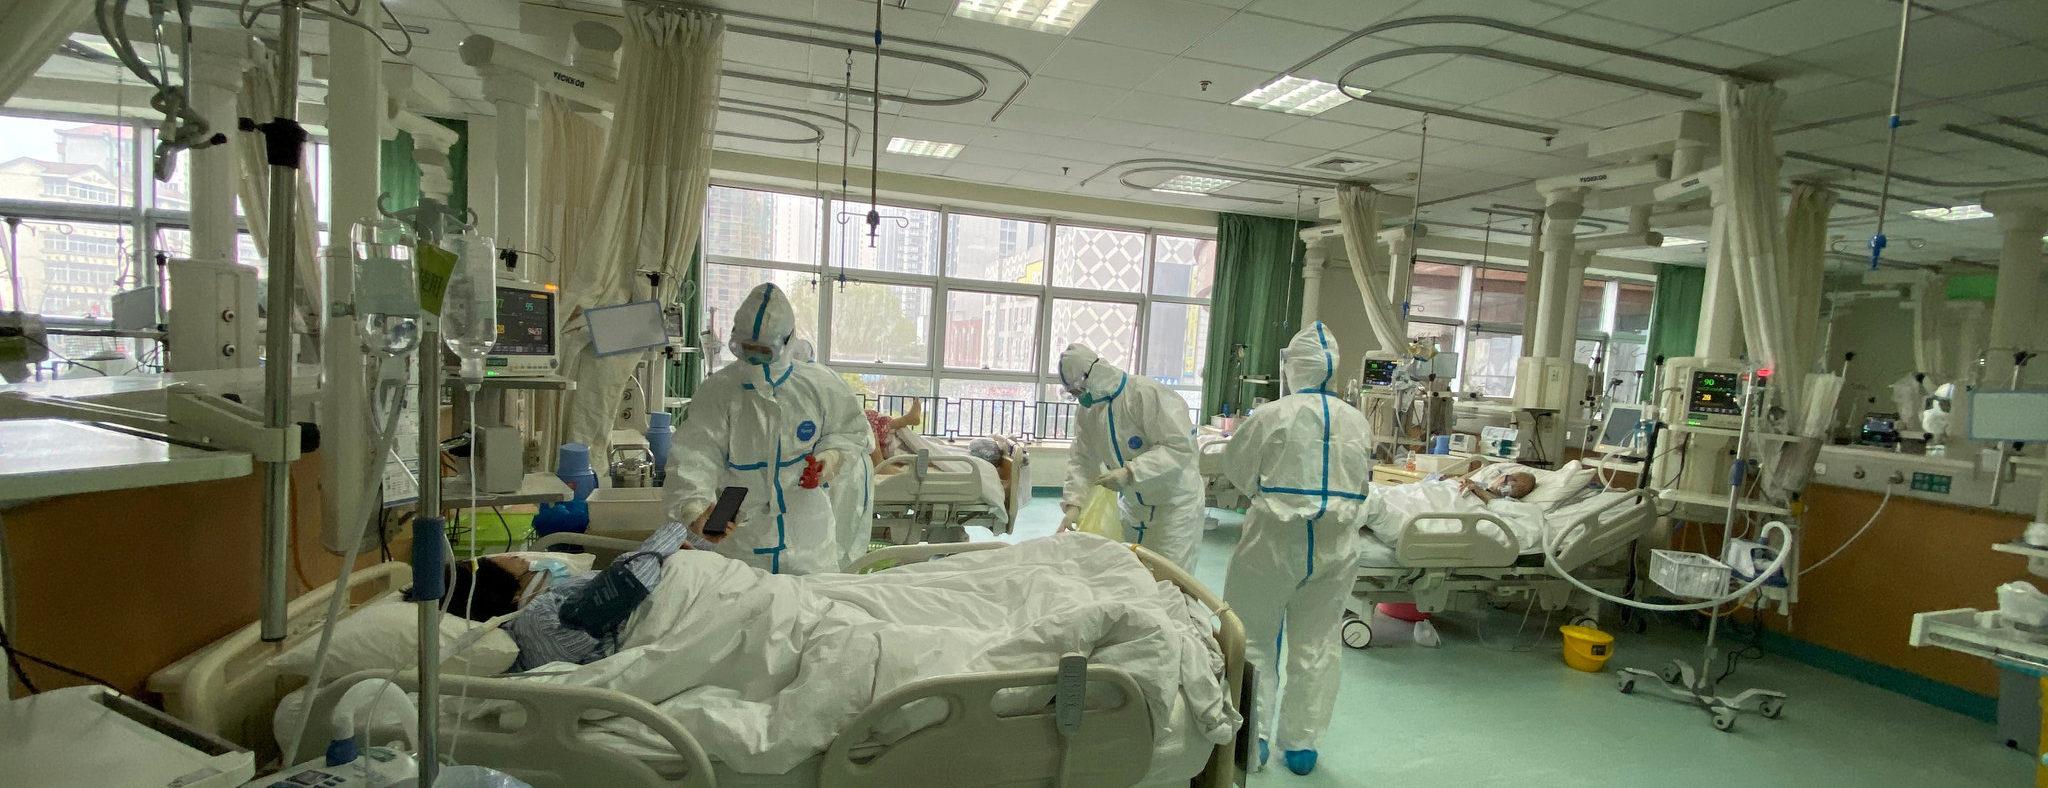 Derechos y deberes: la responsabilidad de la libertad en los tiempos del Coronavirus